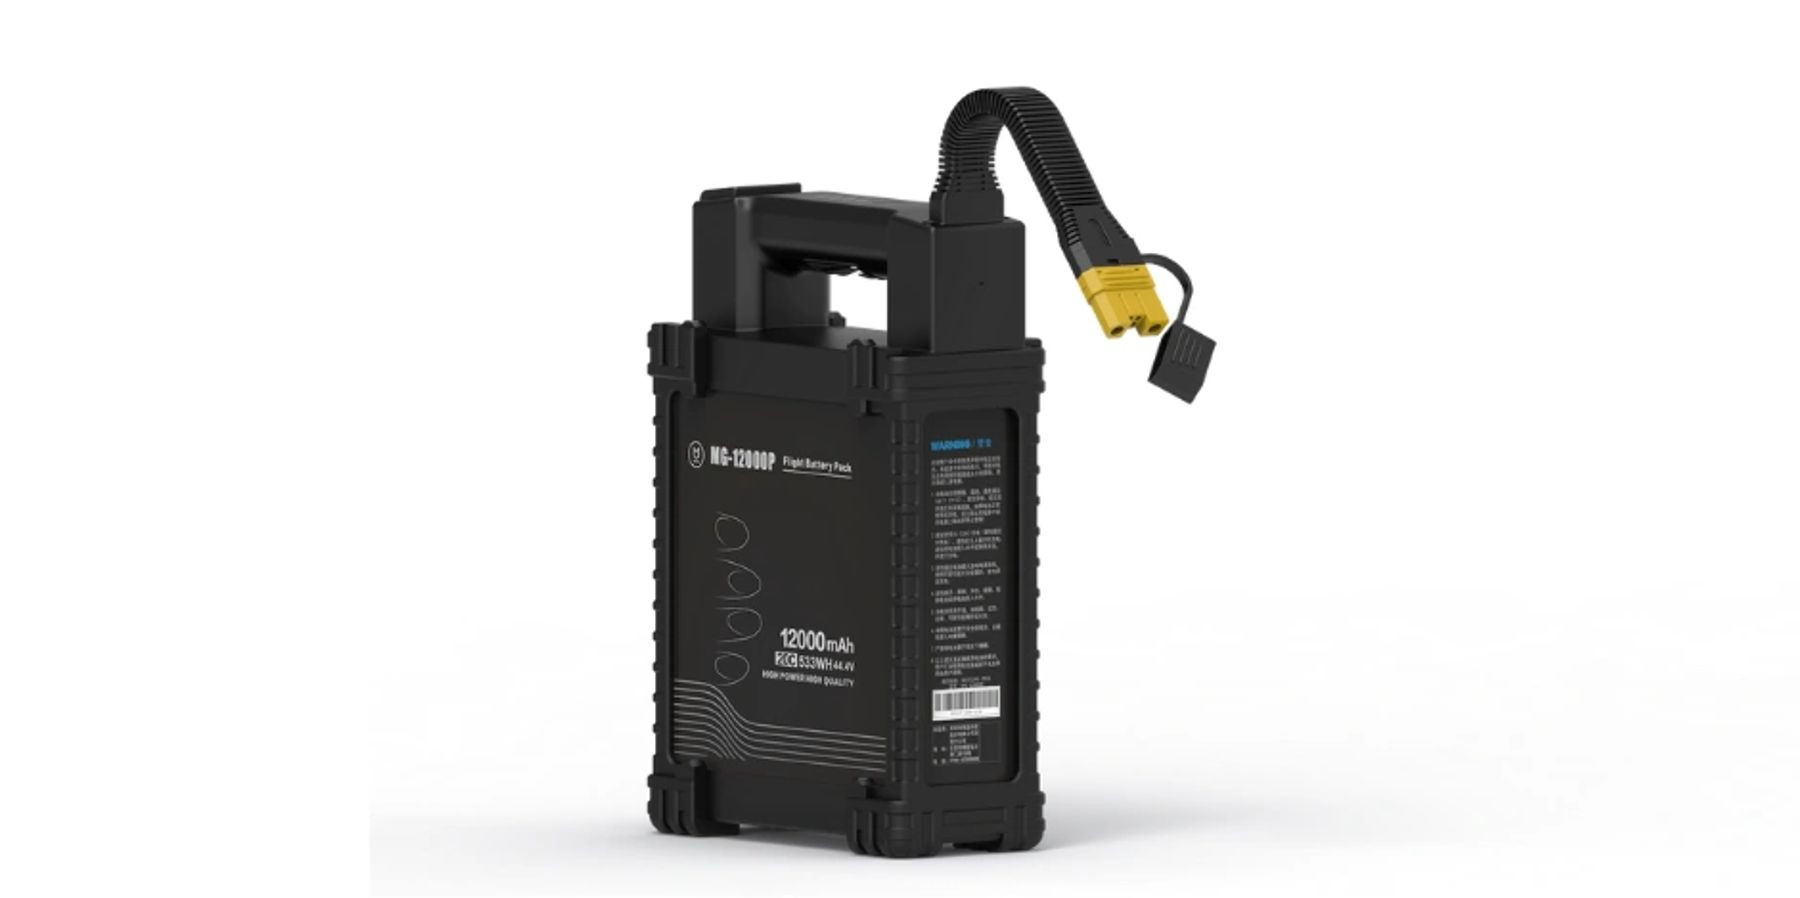 DJI Agras MG-1P Battery 12000P